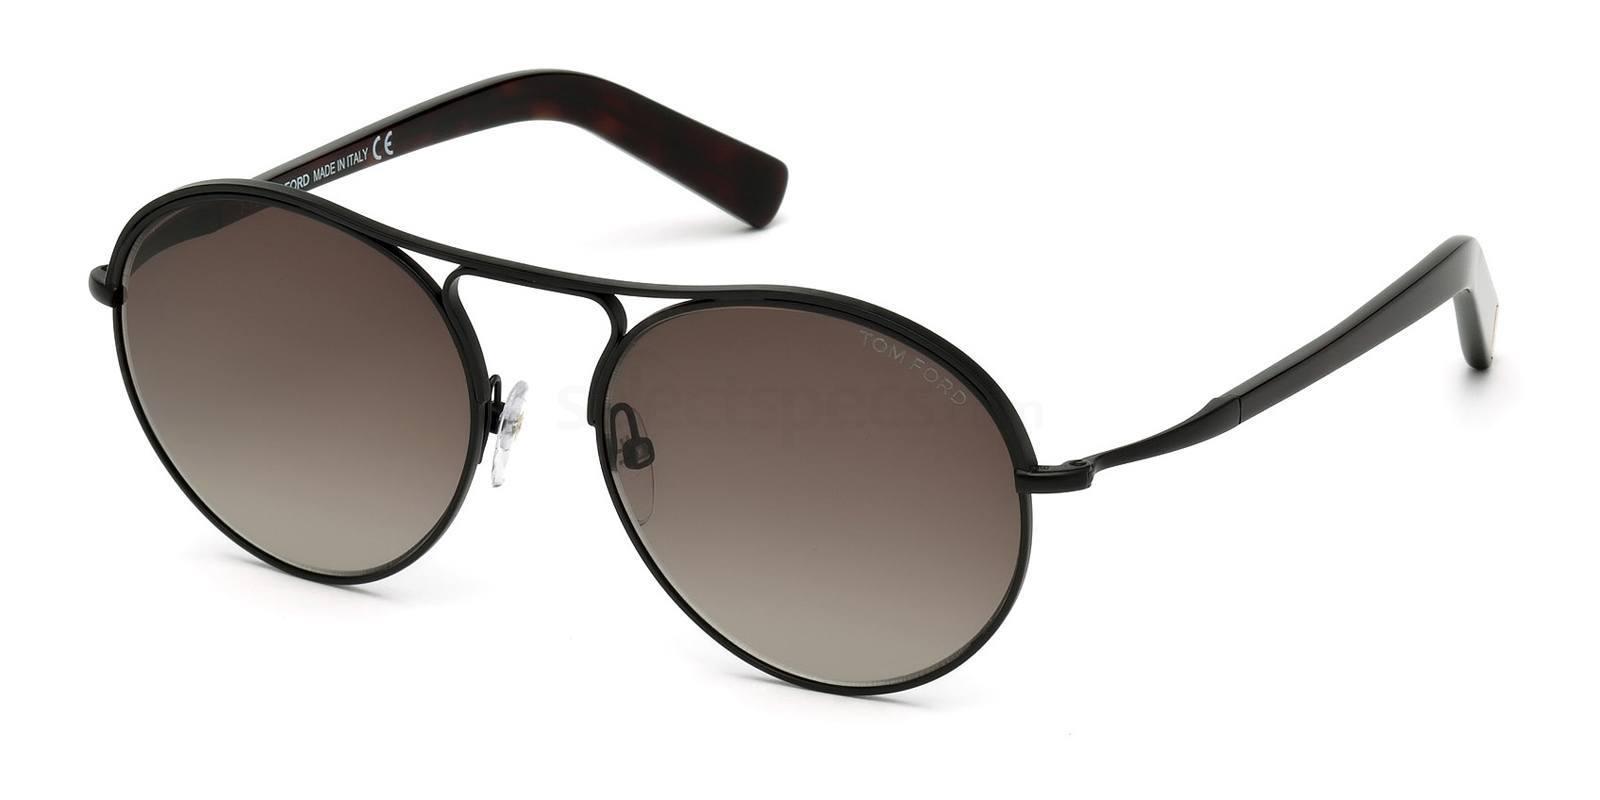 05K FT0449 Sunglasses, Tom Ford